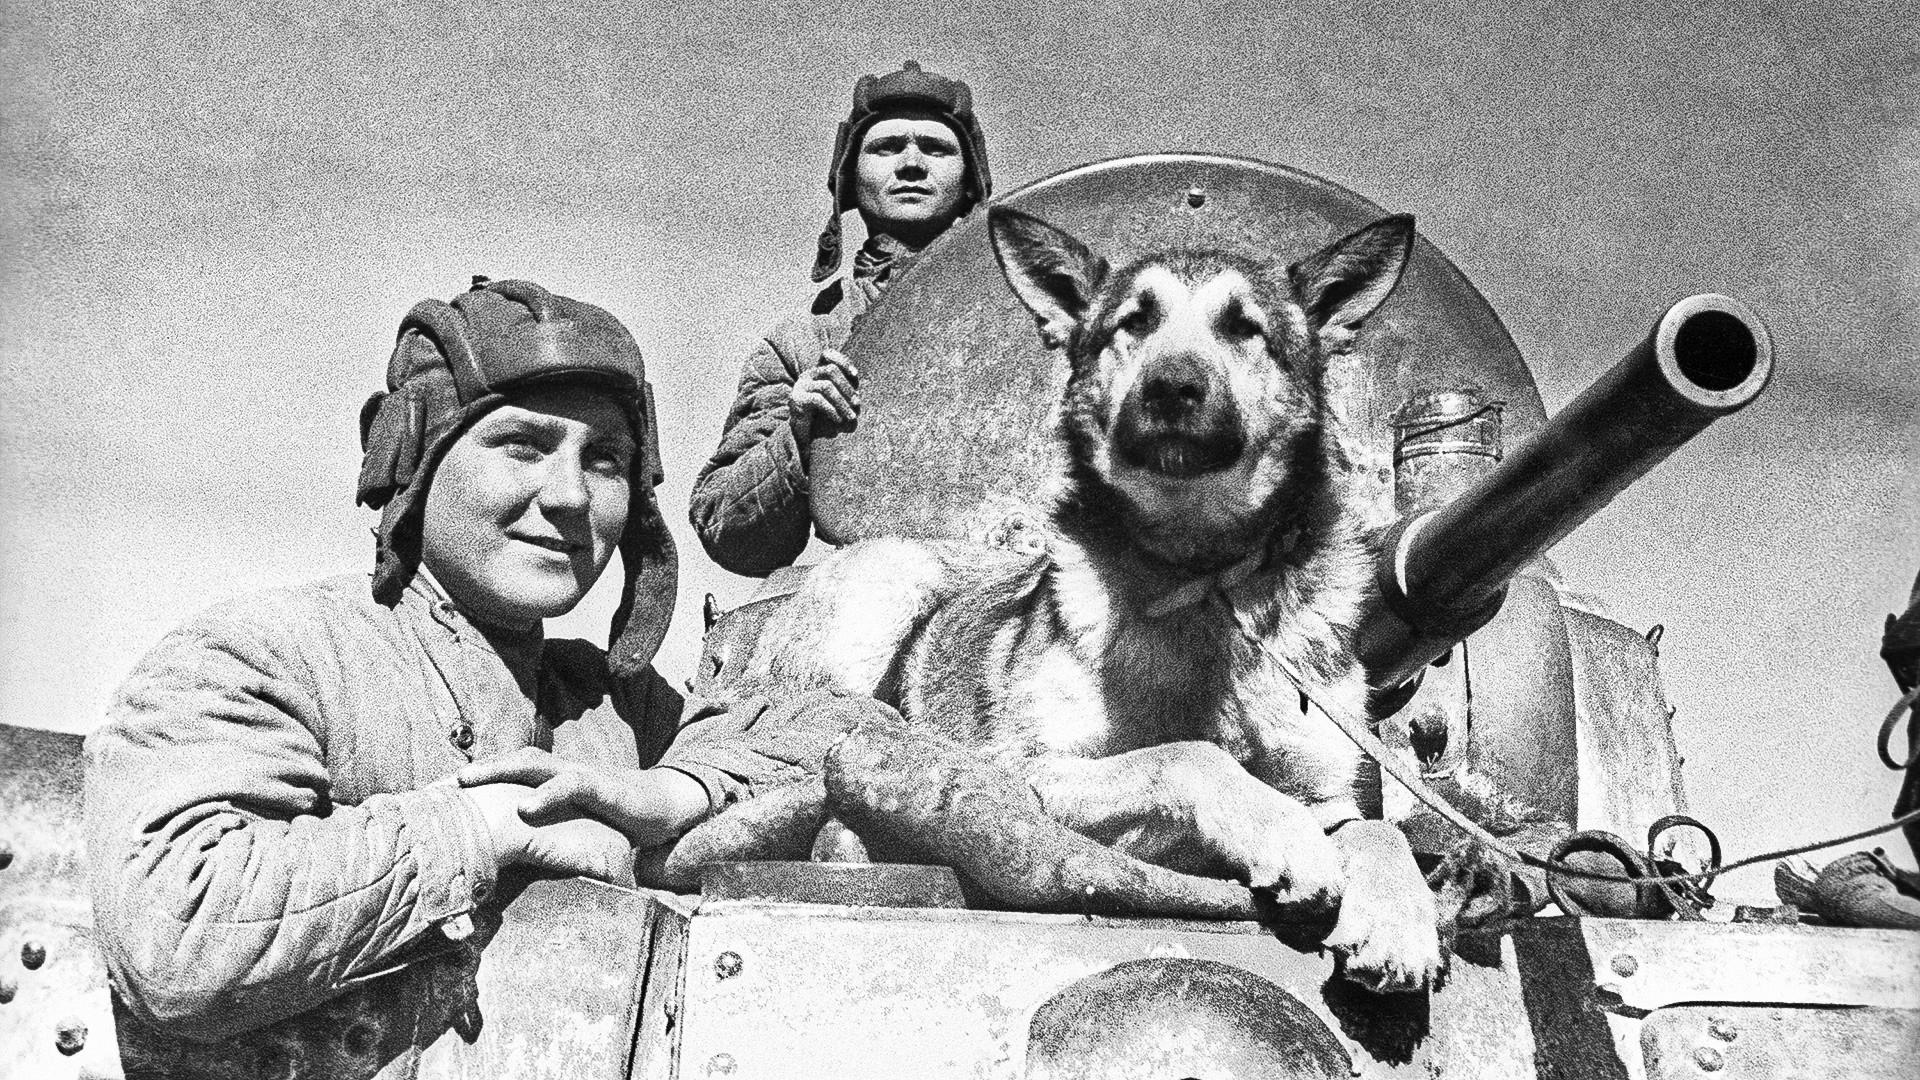 Голема татковинска војна, Јужен фронт. Екипа на оклопното возило БА-10 со кучето Џуљбарс.